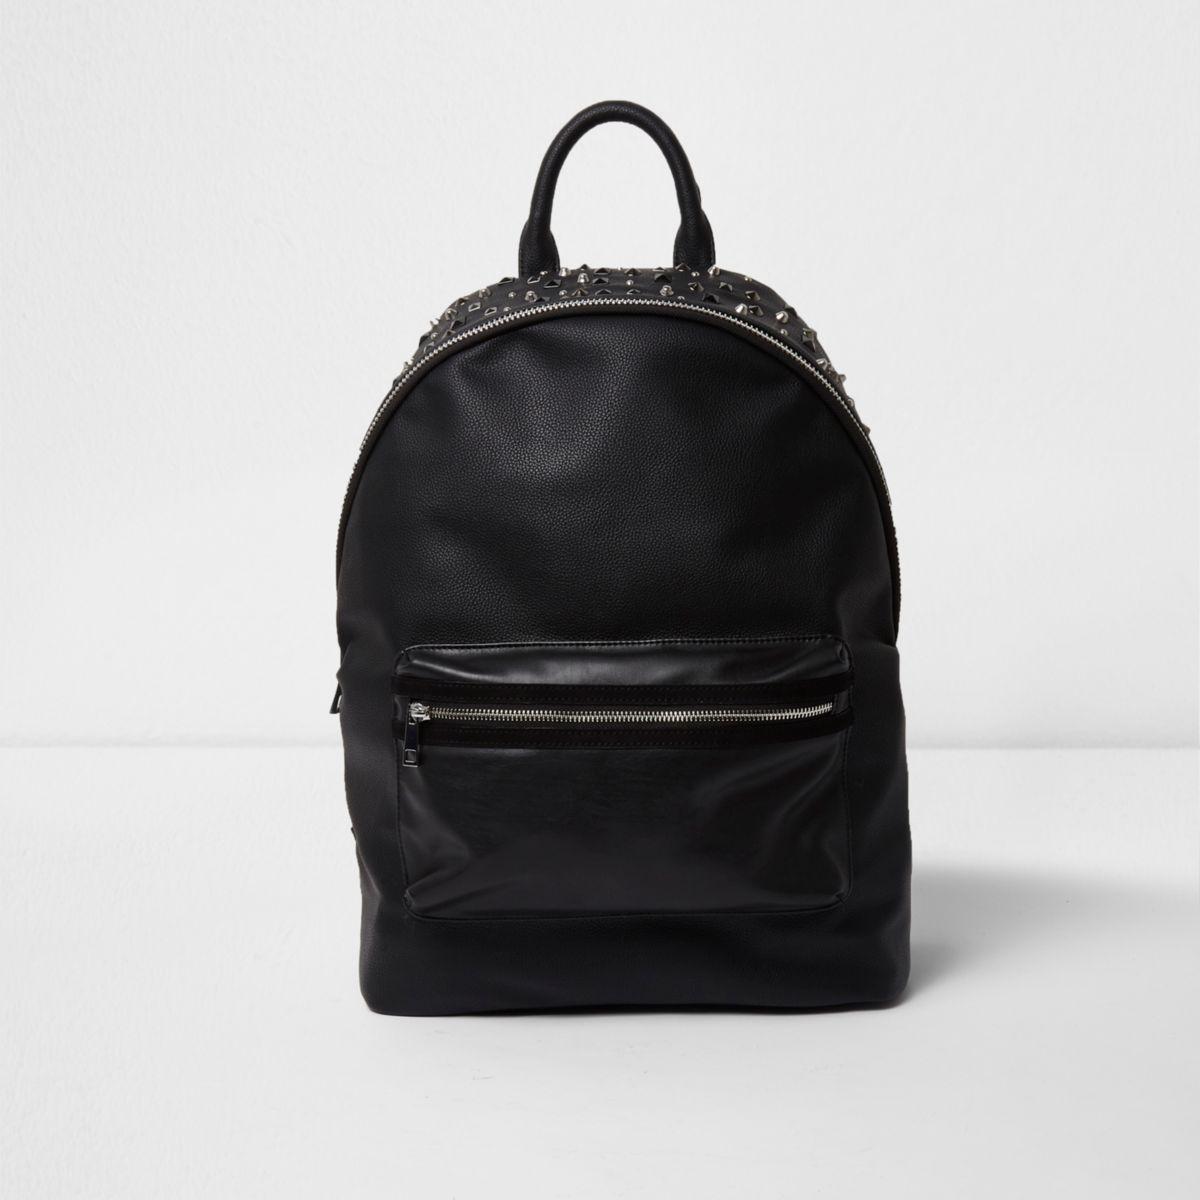 Black faux leather stud embellished backpack